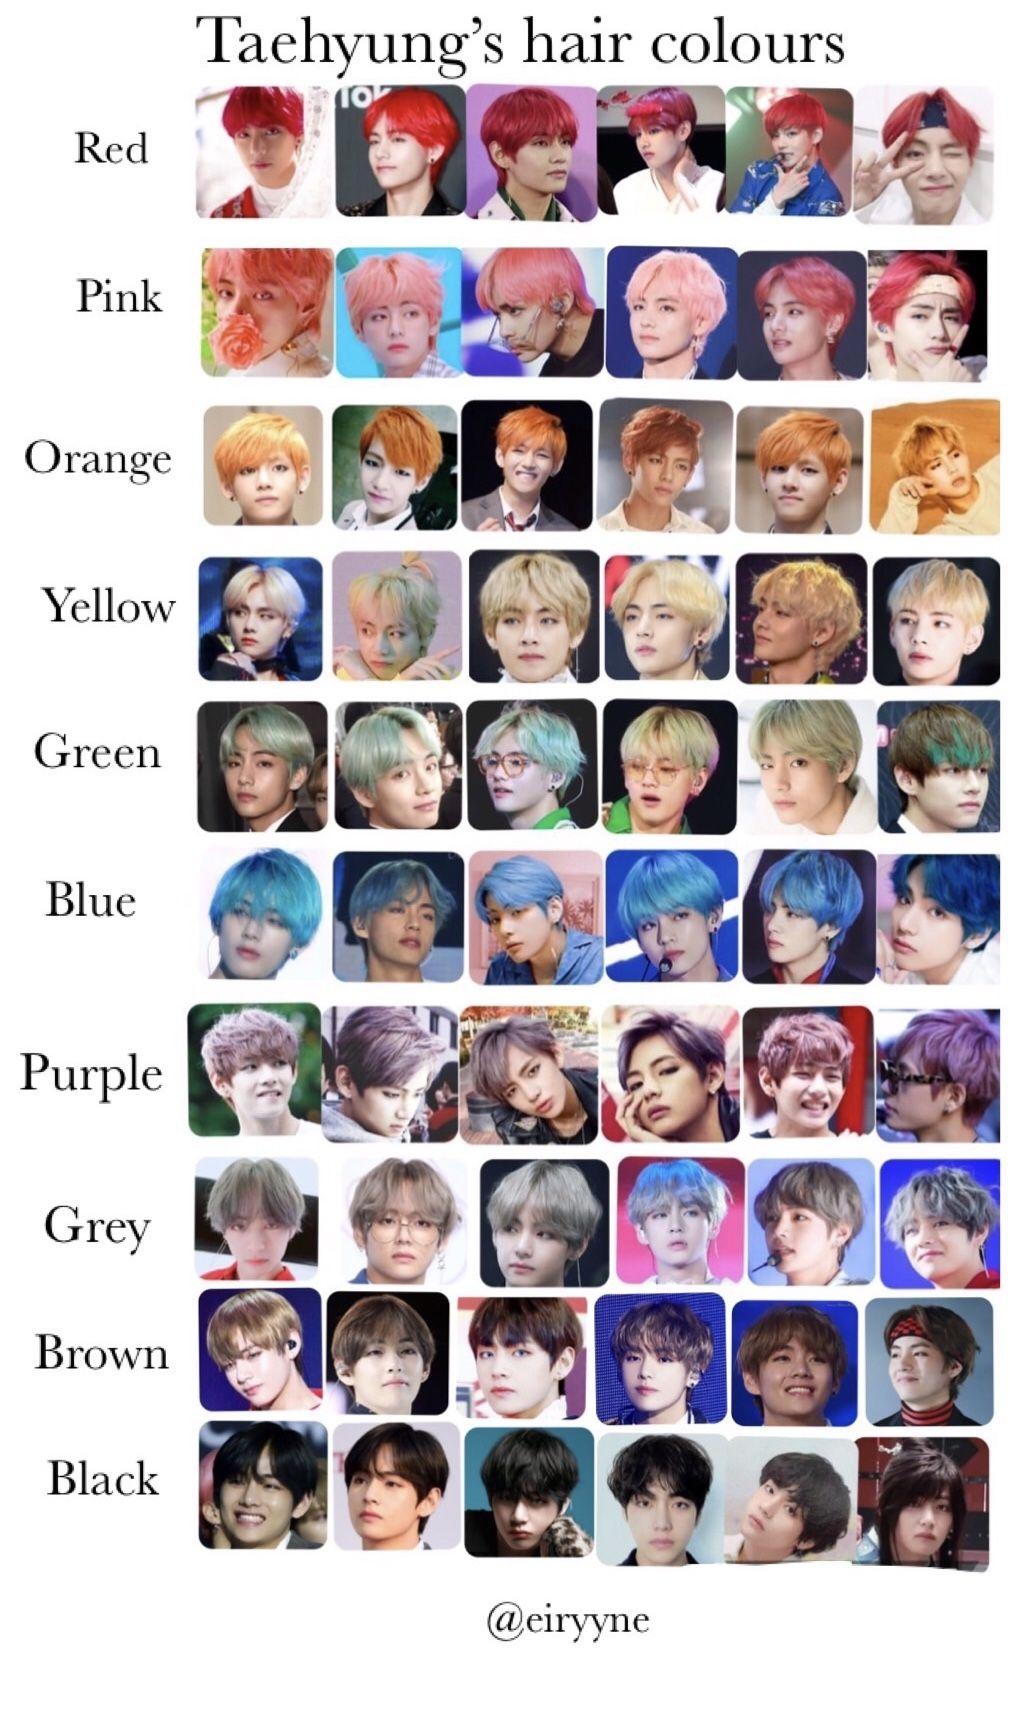 Me Encanta No Importa El Color Bts Taehyung Bts Engracado Imagens Bts